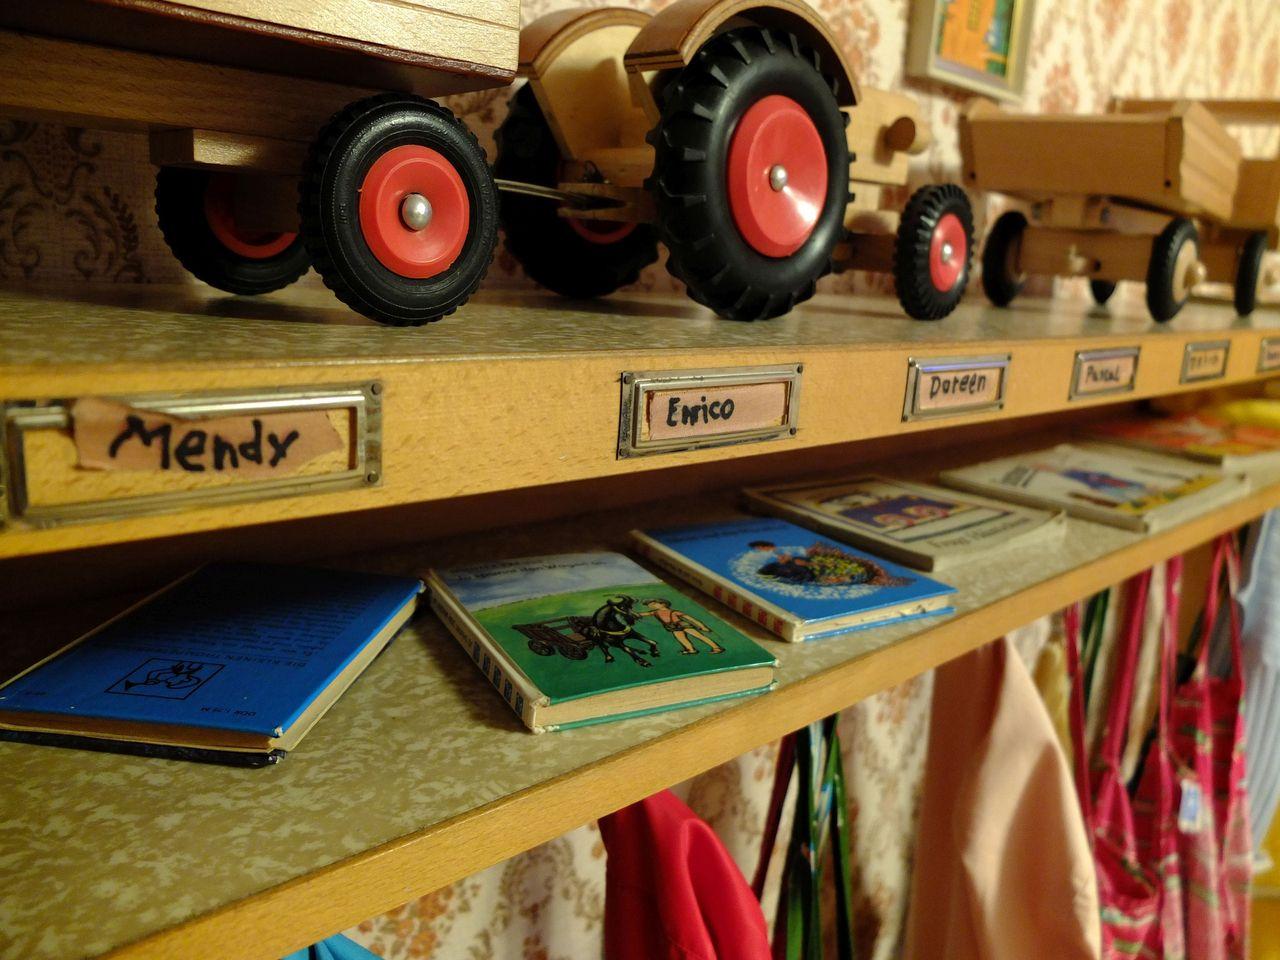 In der Kindergarten-Sektion des Berliner DDR-Museums fungieren nicht nur die Spielsachen als Erinnerungstrigger, sondern auch die Schilder am Garderobenregal mit »typischen« DDR-Vornamen. (Foto: Sabine Stach)